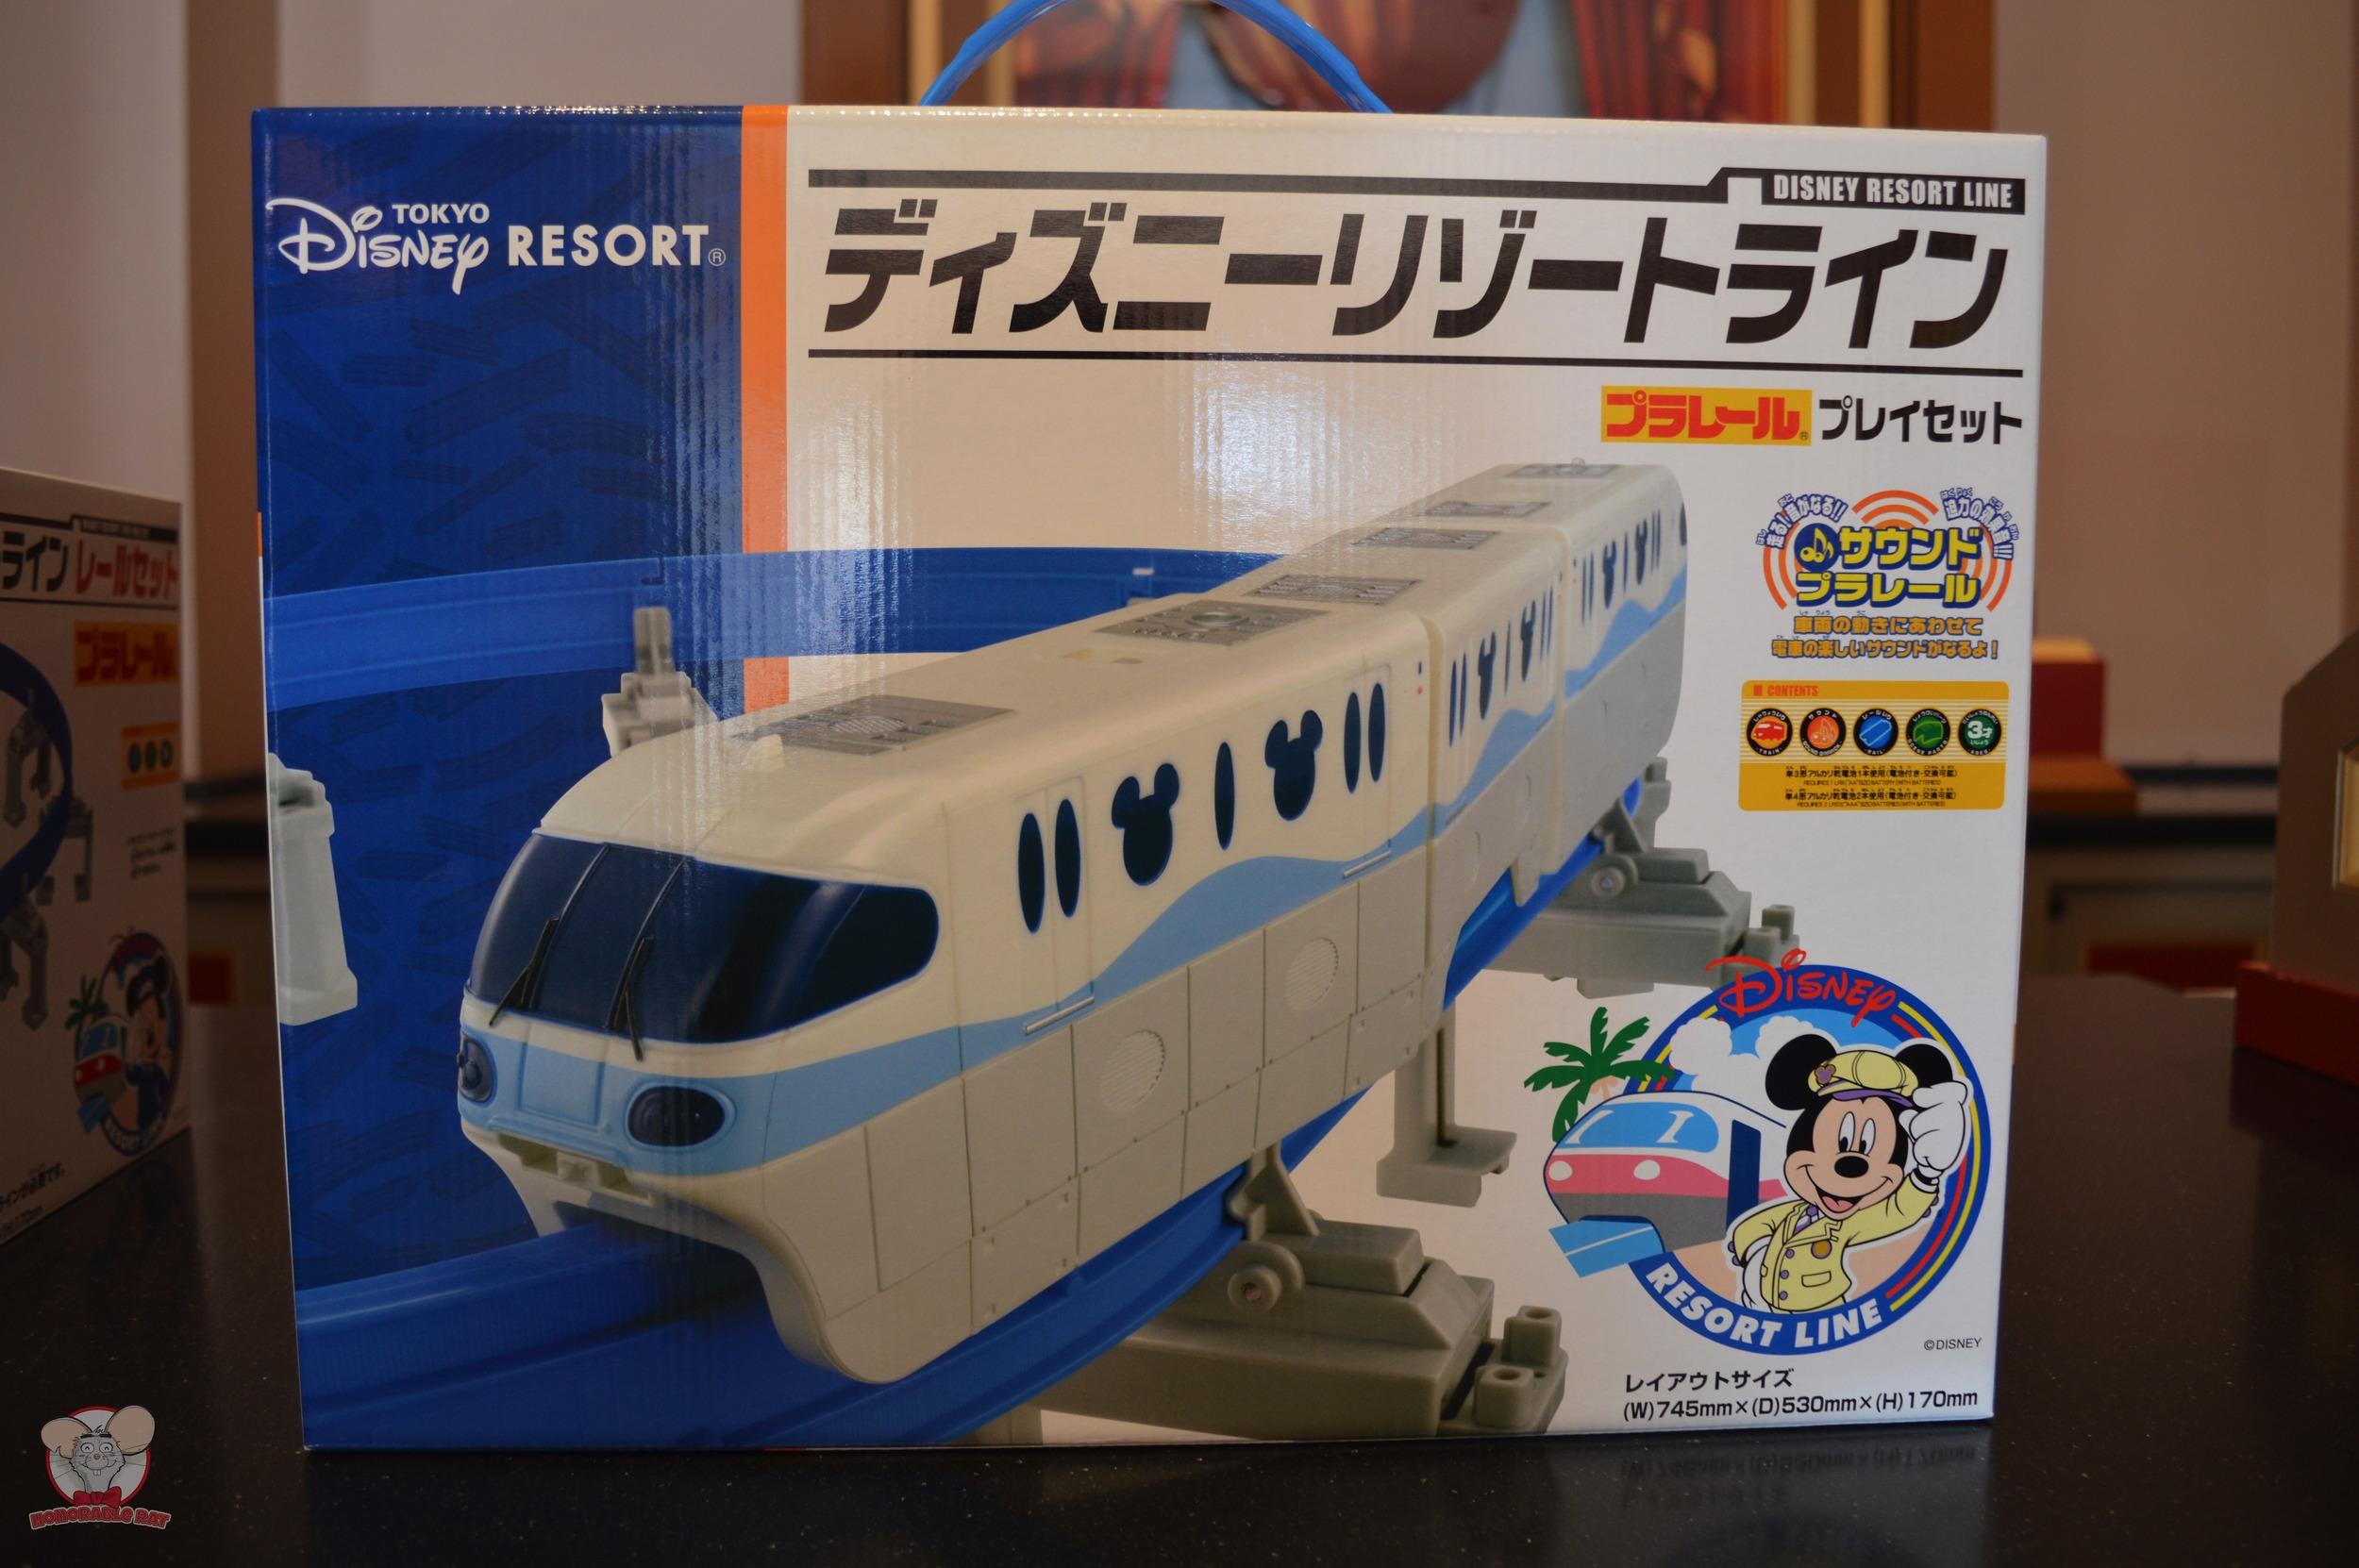 Tokyo Disney Resort Toy Monorail (Front): 7,140 yen